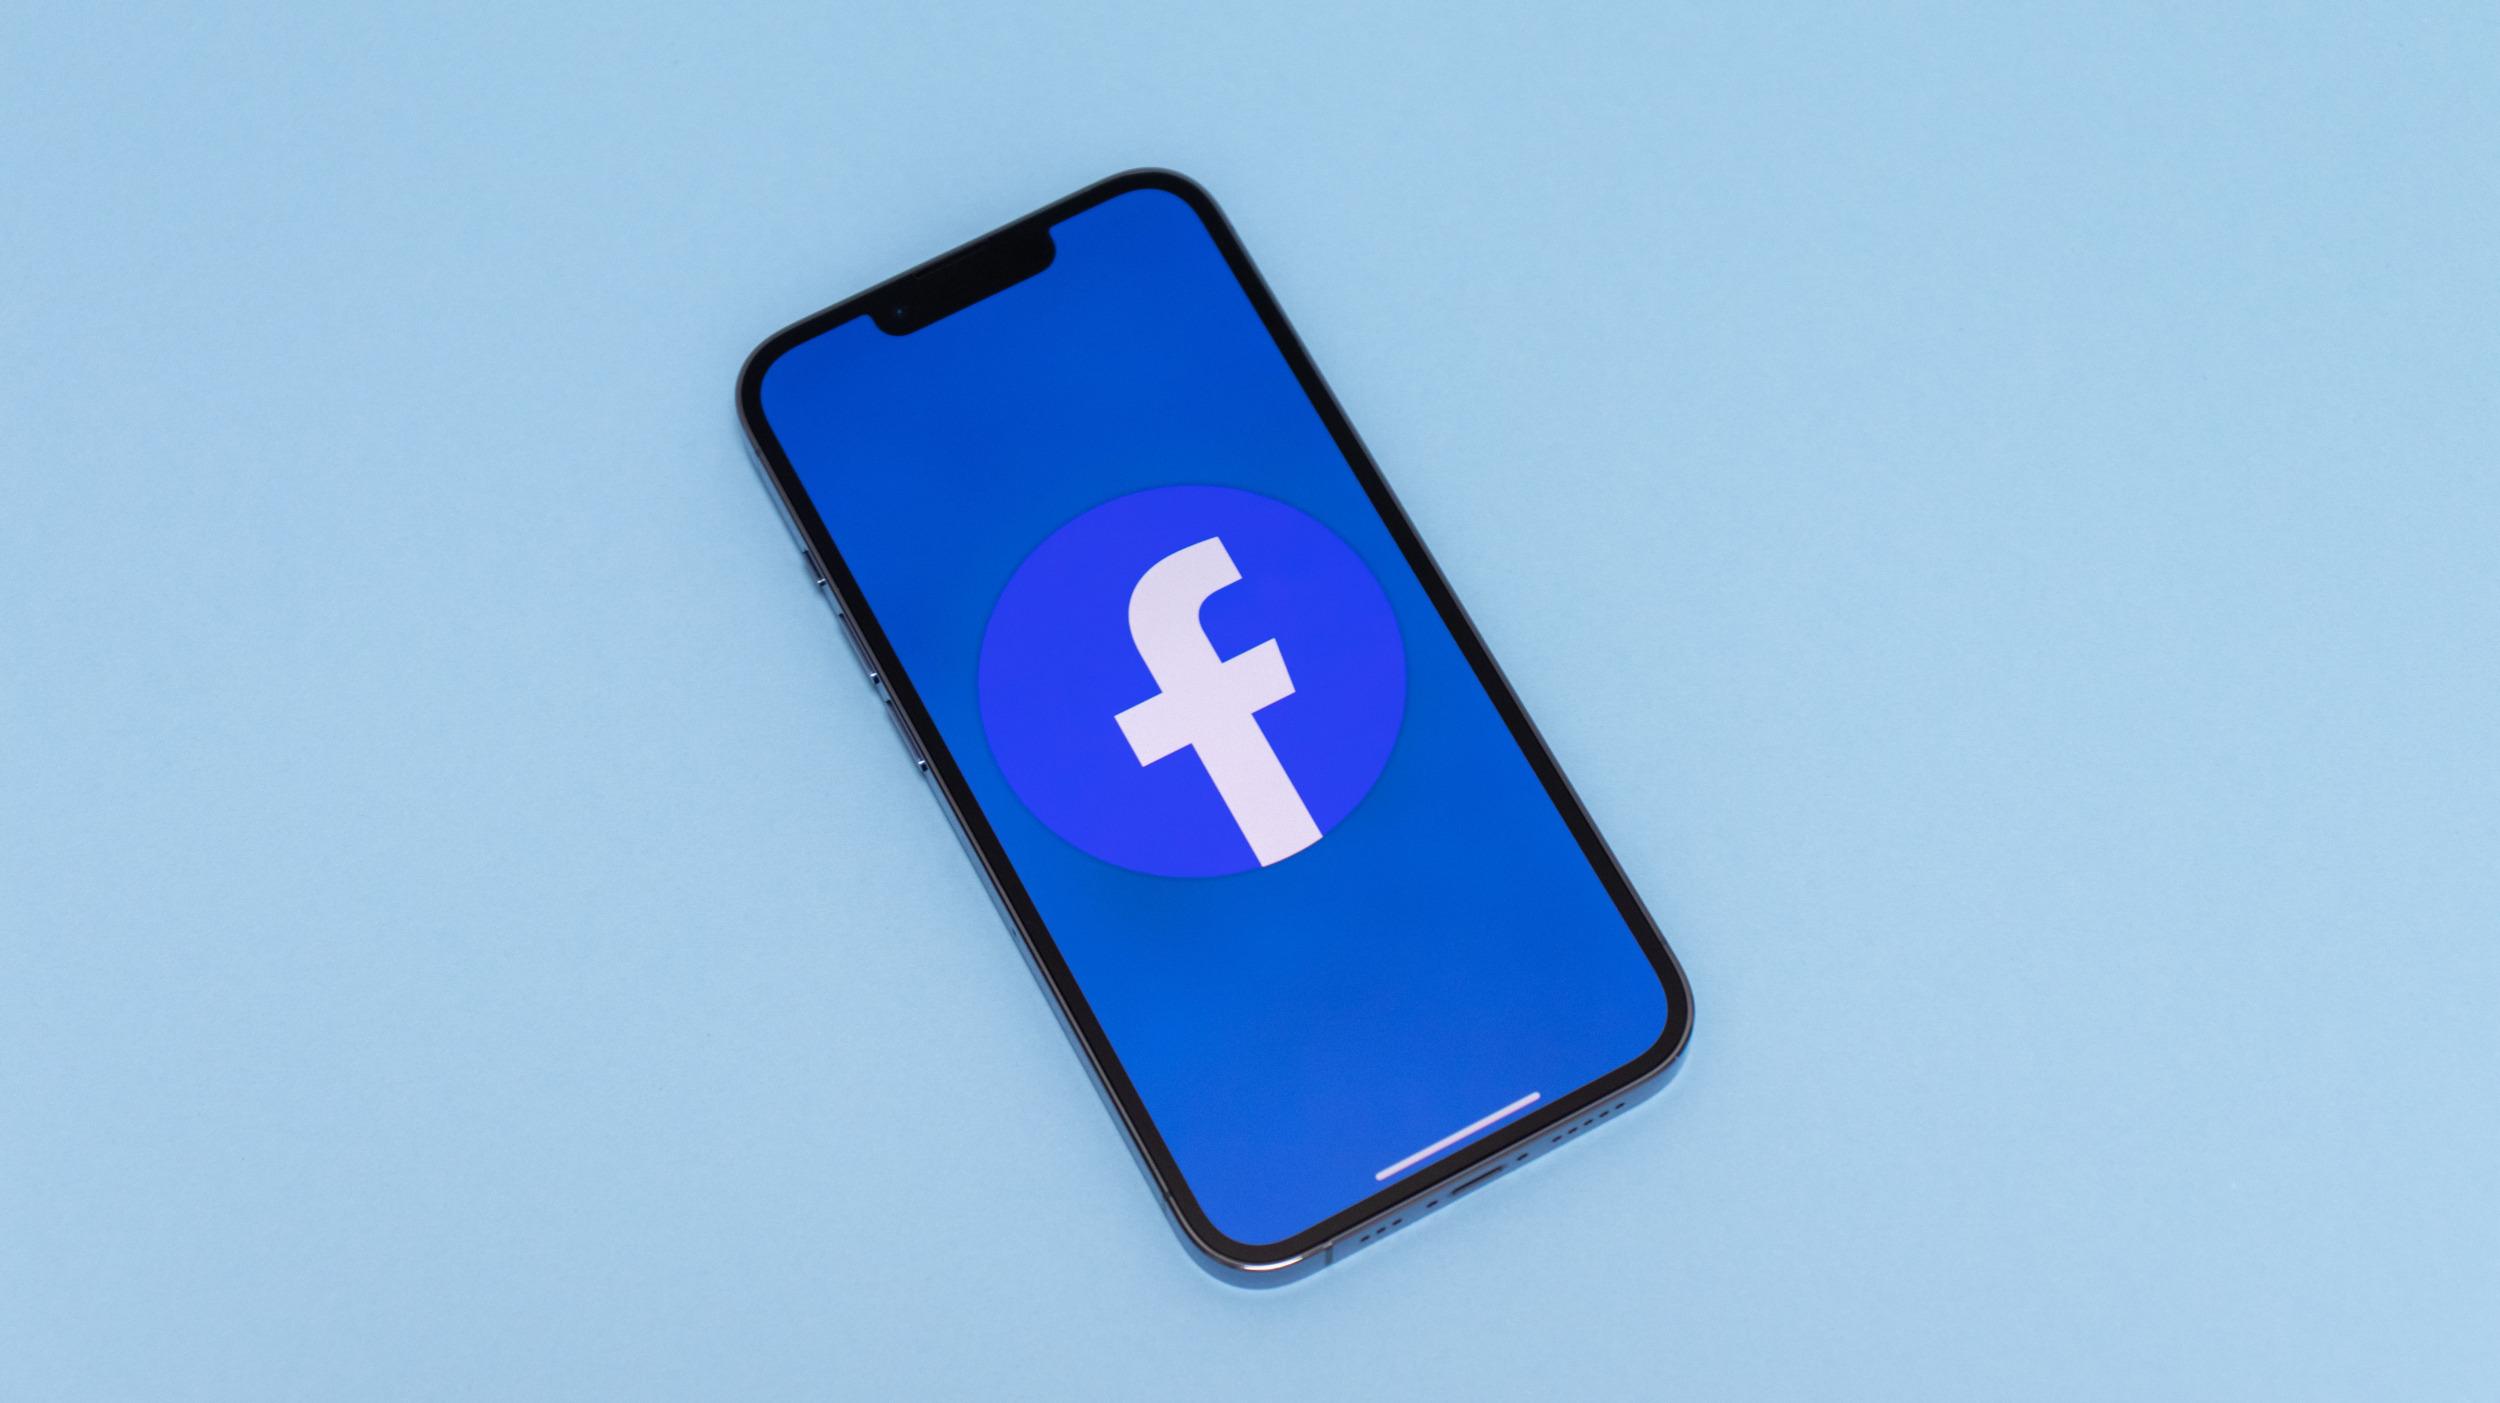 Facebook i Instagram mají opět problémy s dostupností [aktualizováno]